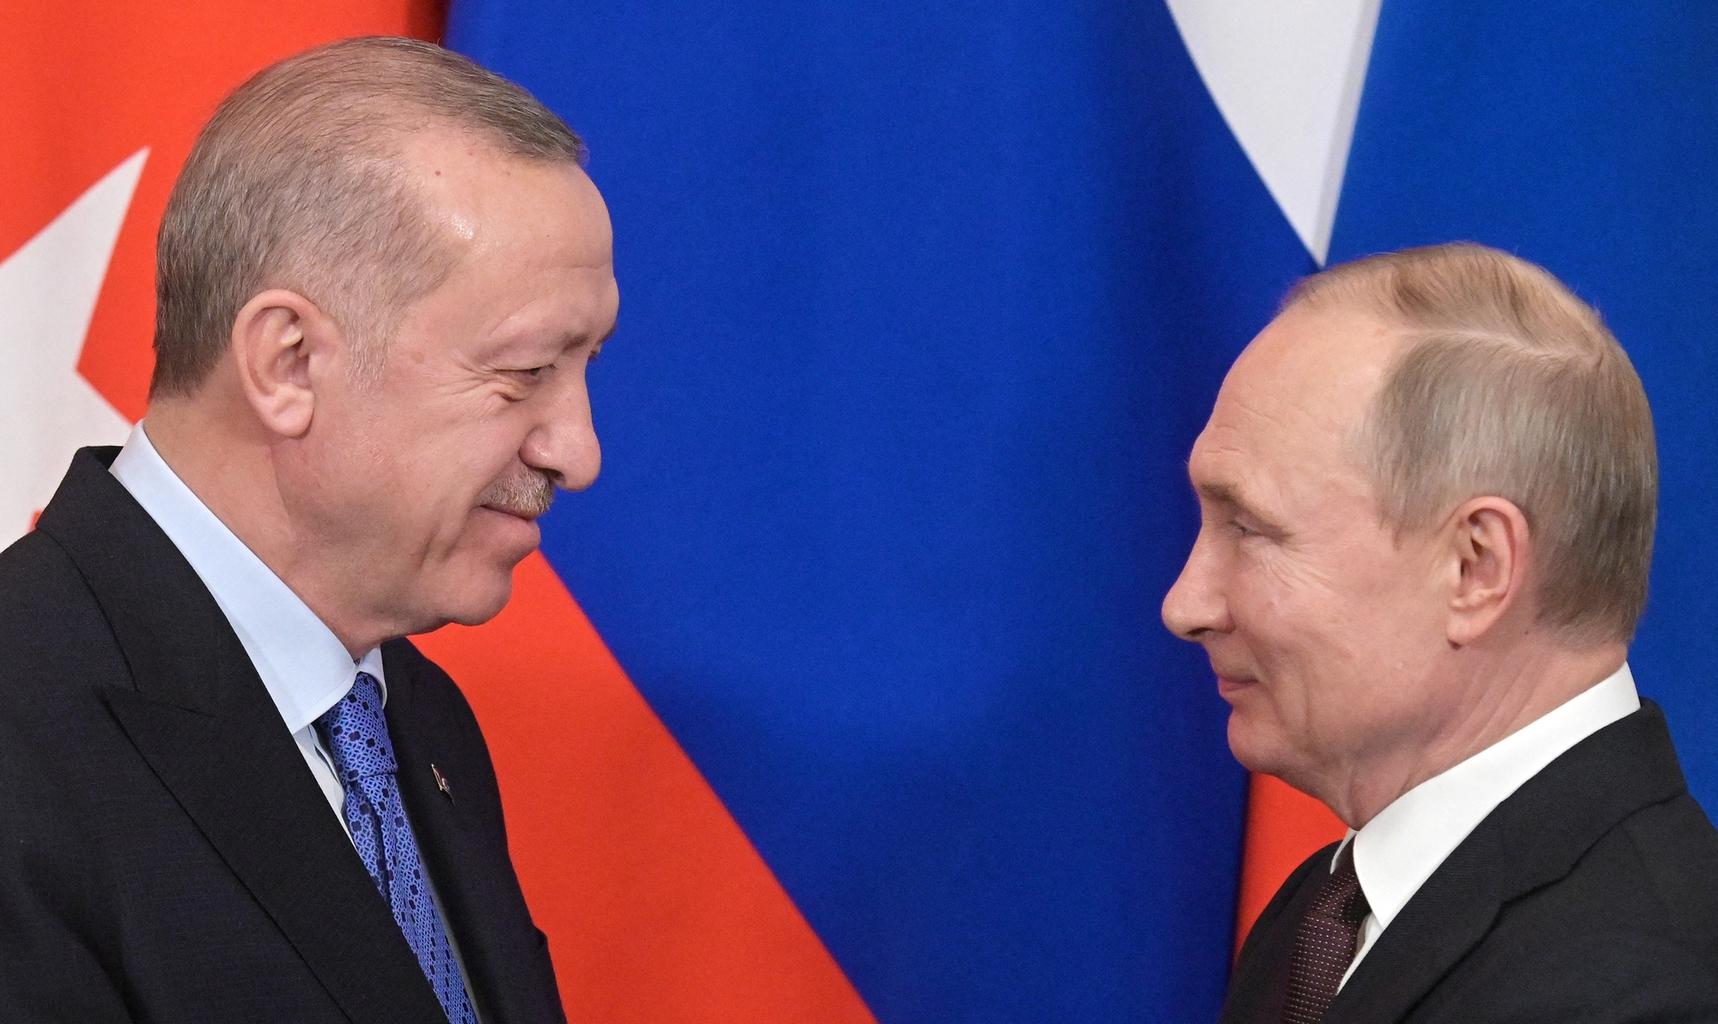 Recep Tayyip Erdogan és Vlagyimir Putyin találkozója Moszkvában 2020. március 5-én #moszkvater